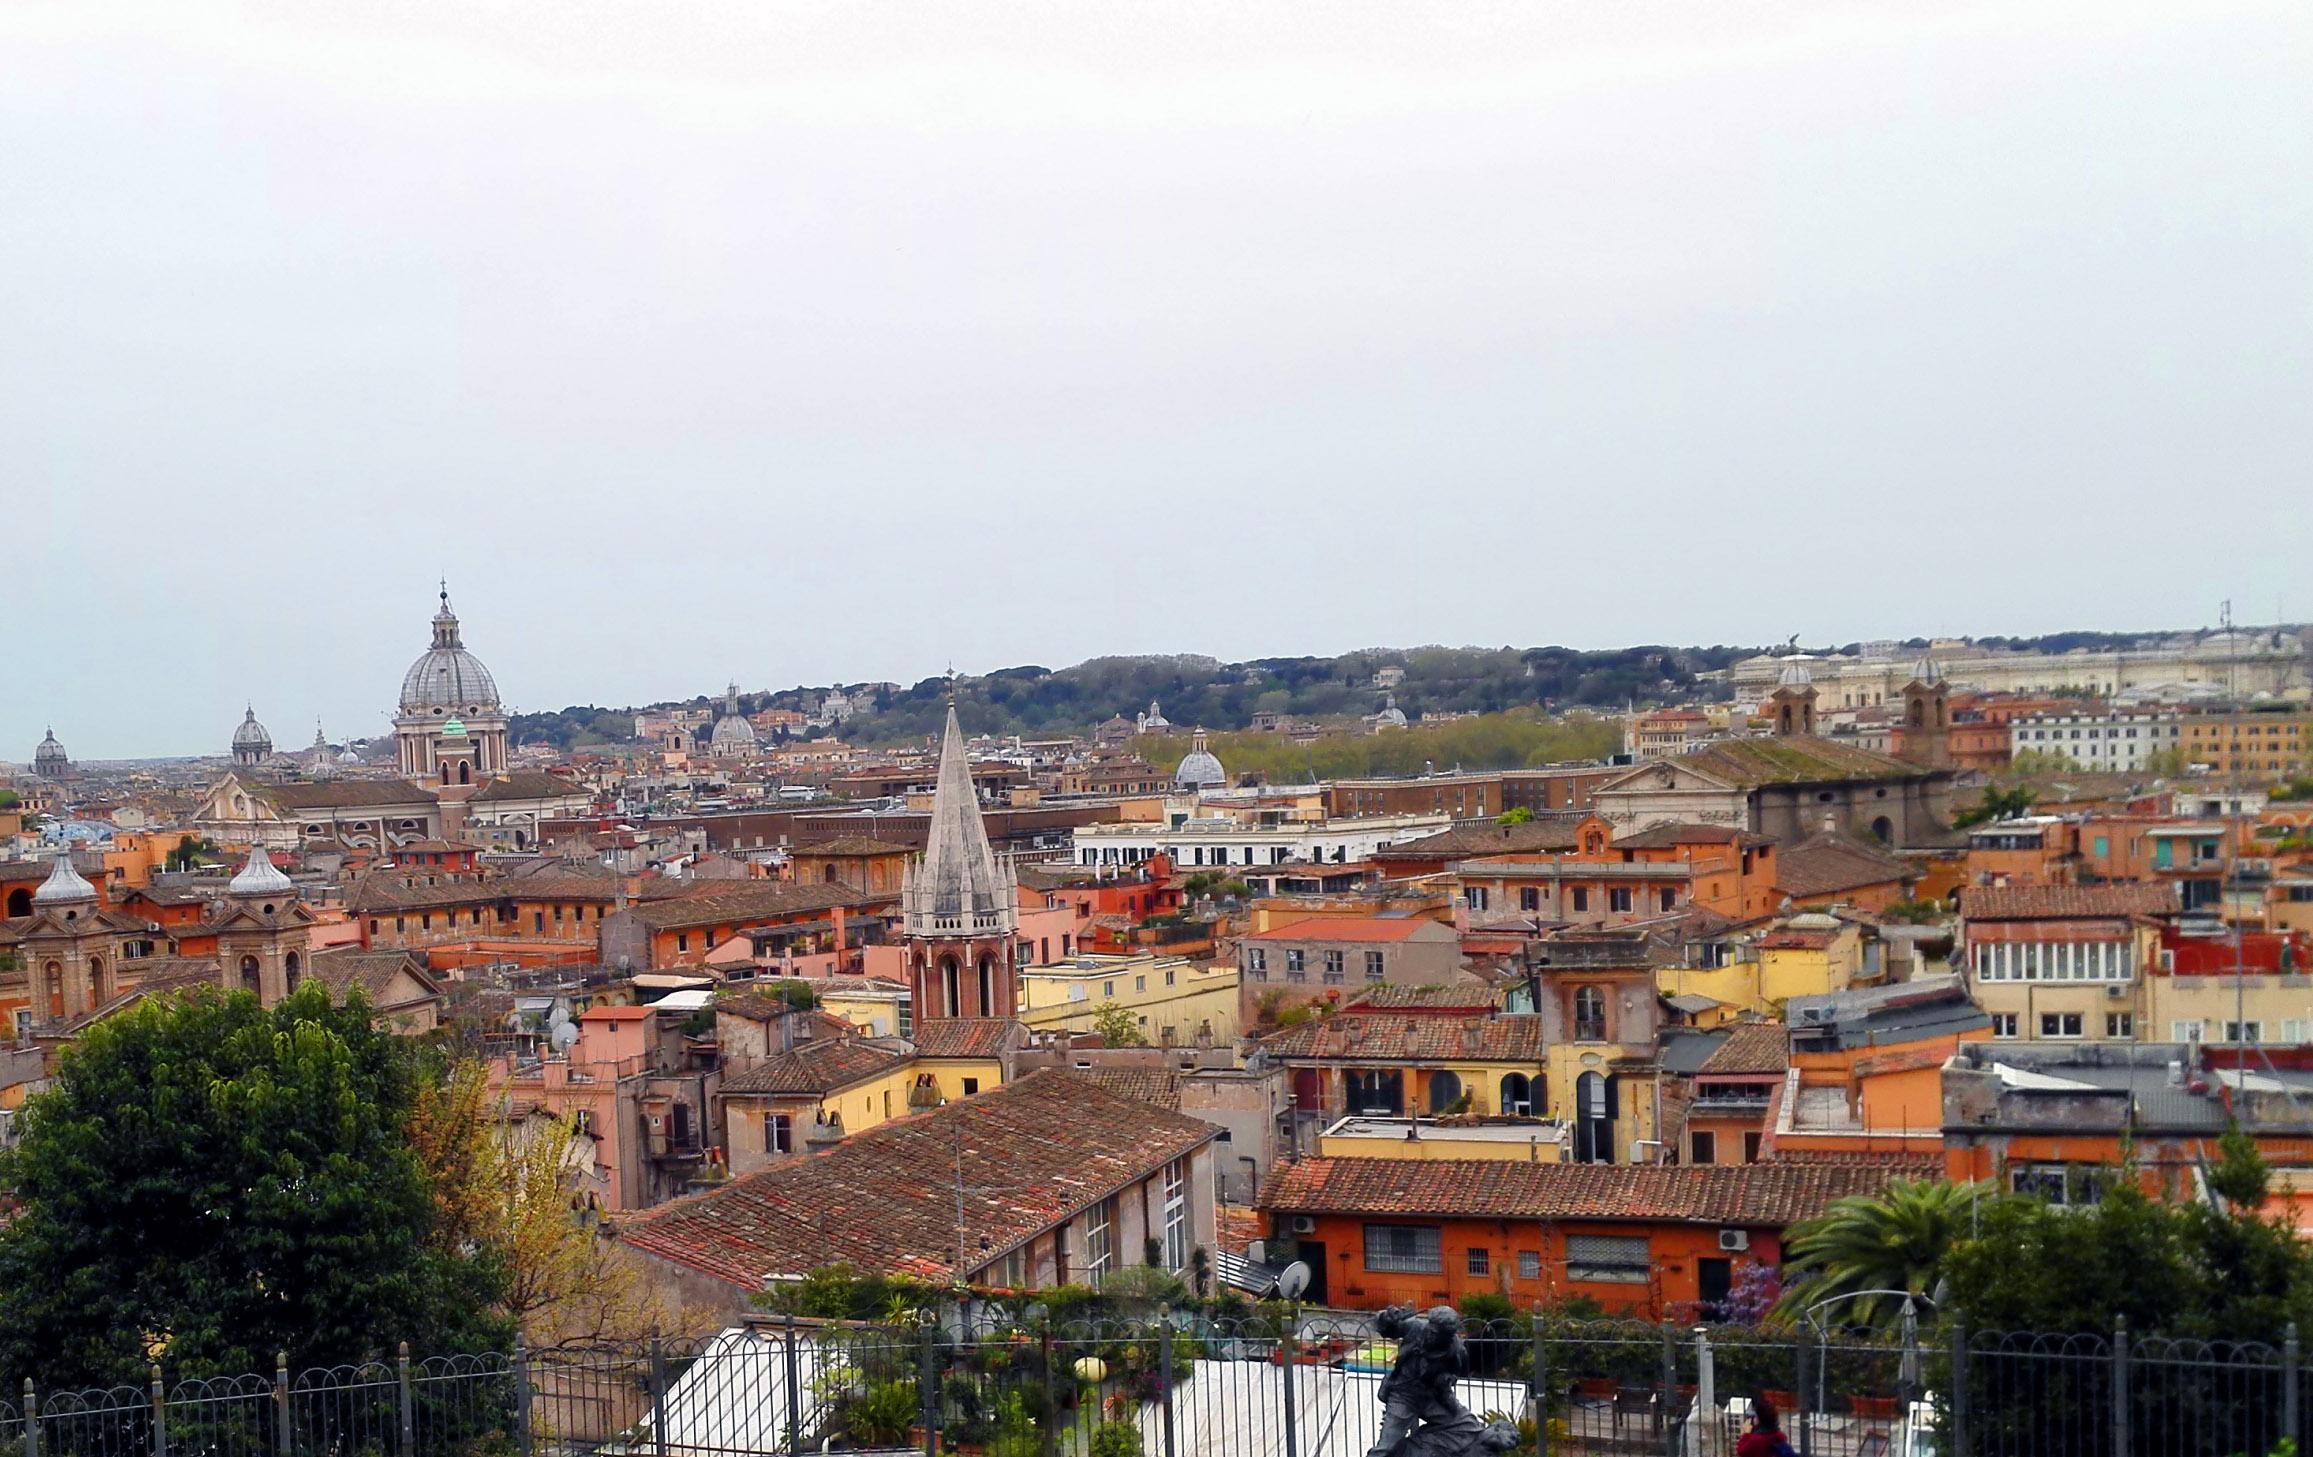 Roomaa